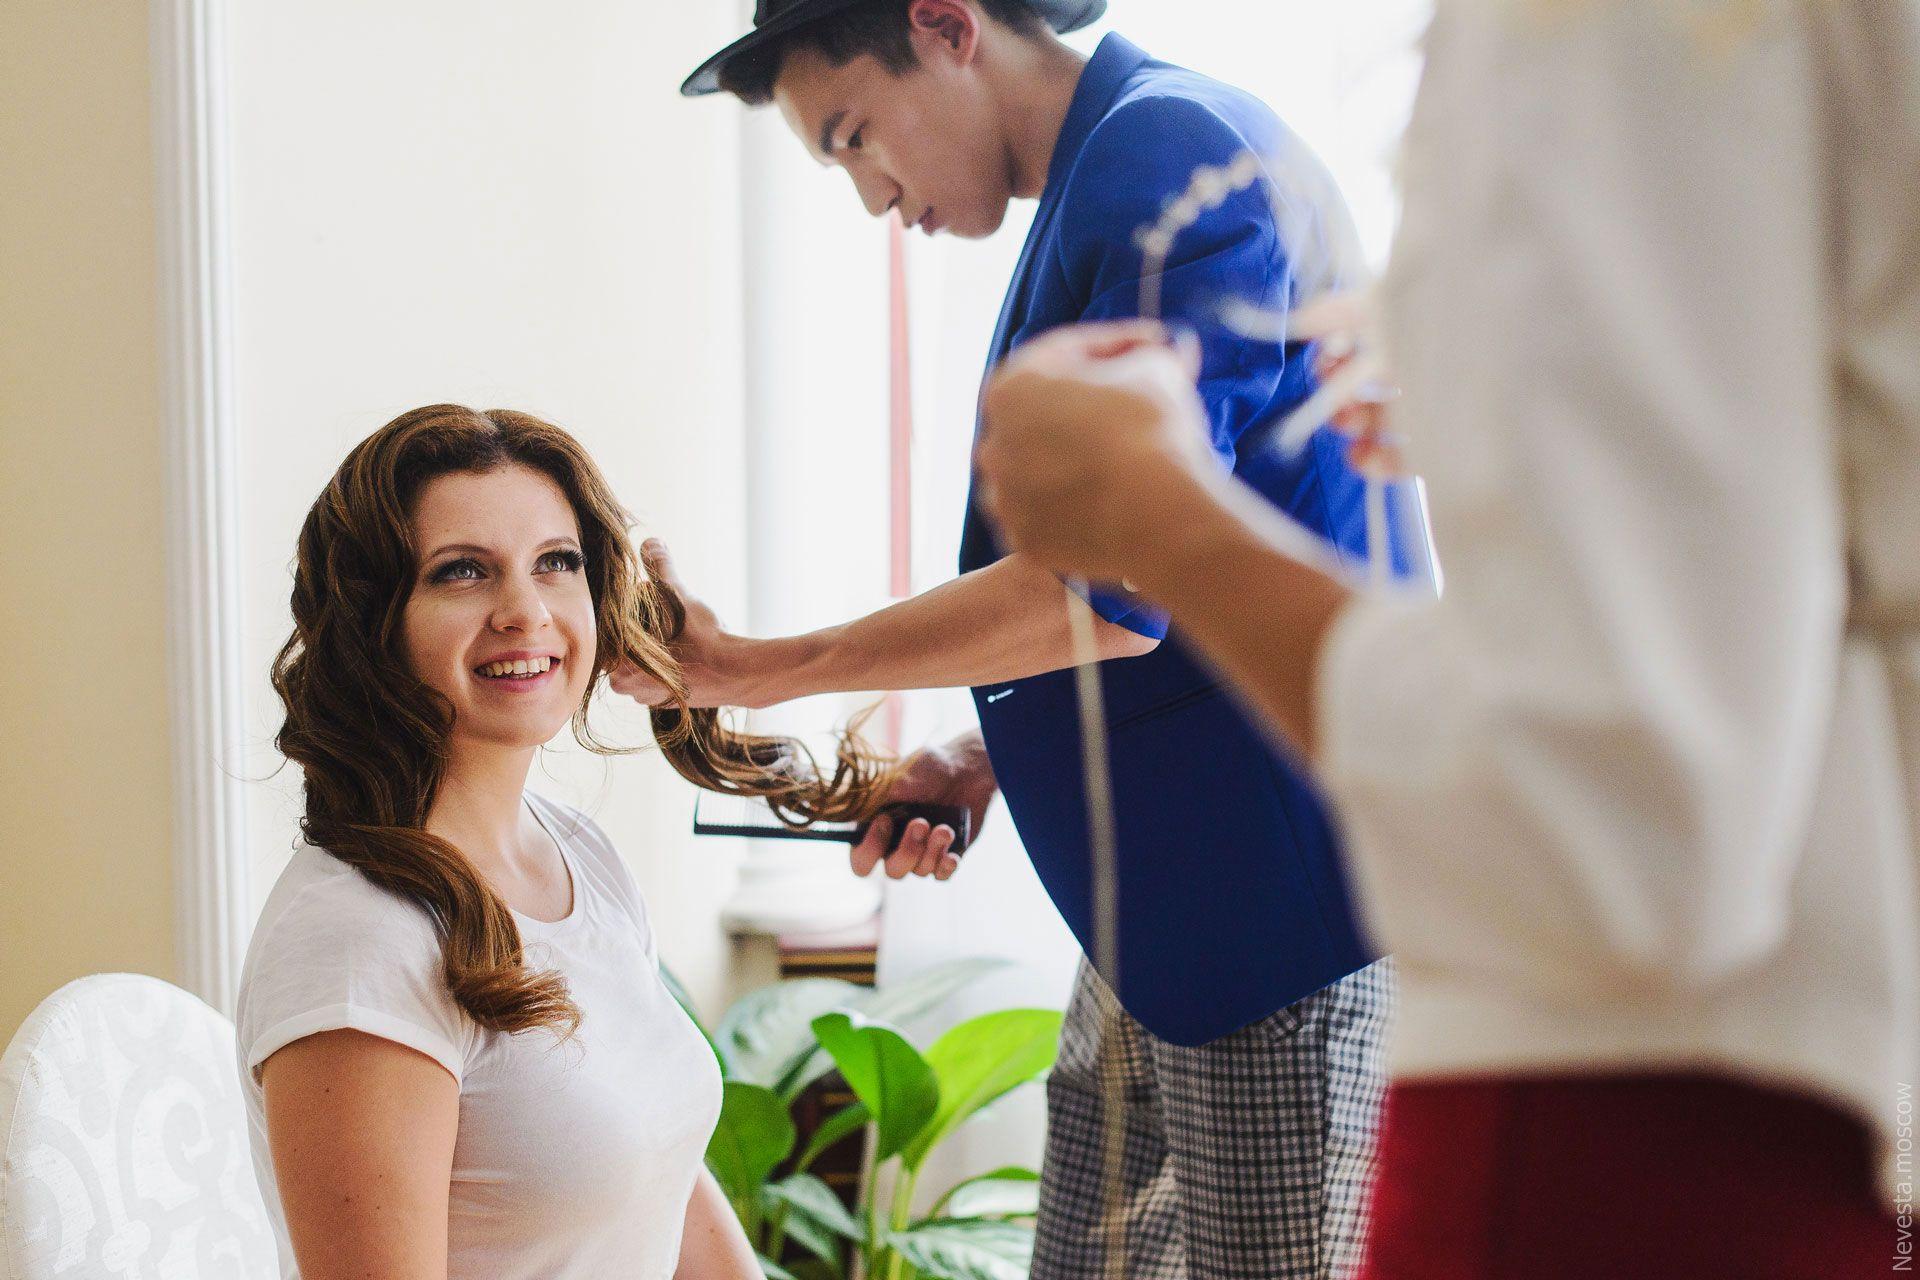 Анастасия Денисова примеряет свадебное платье фото 12